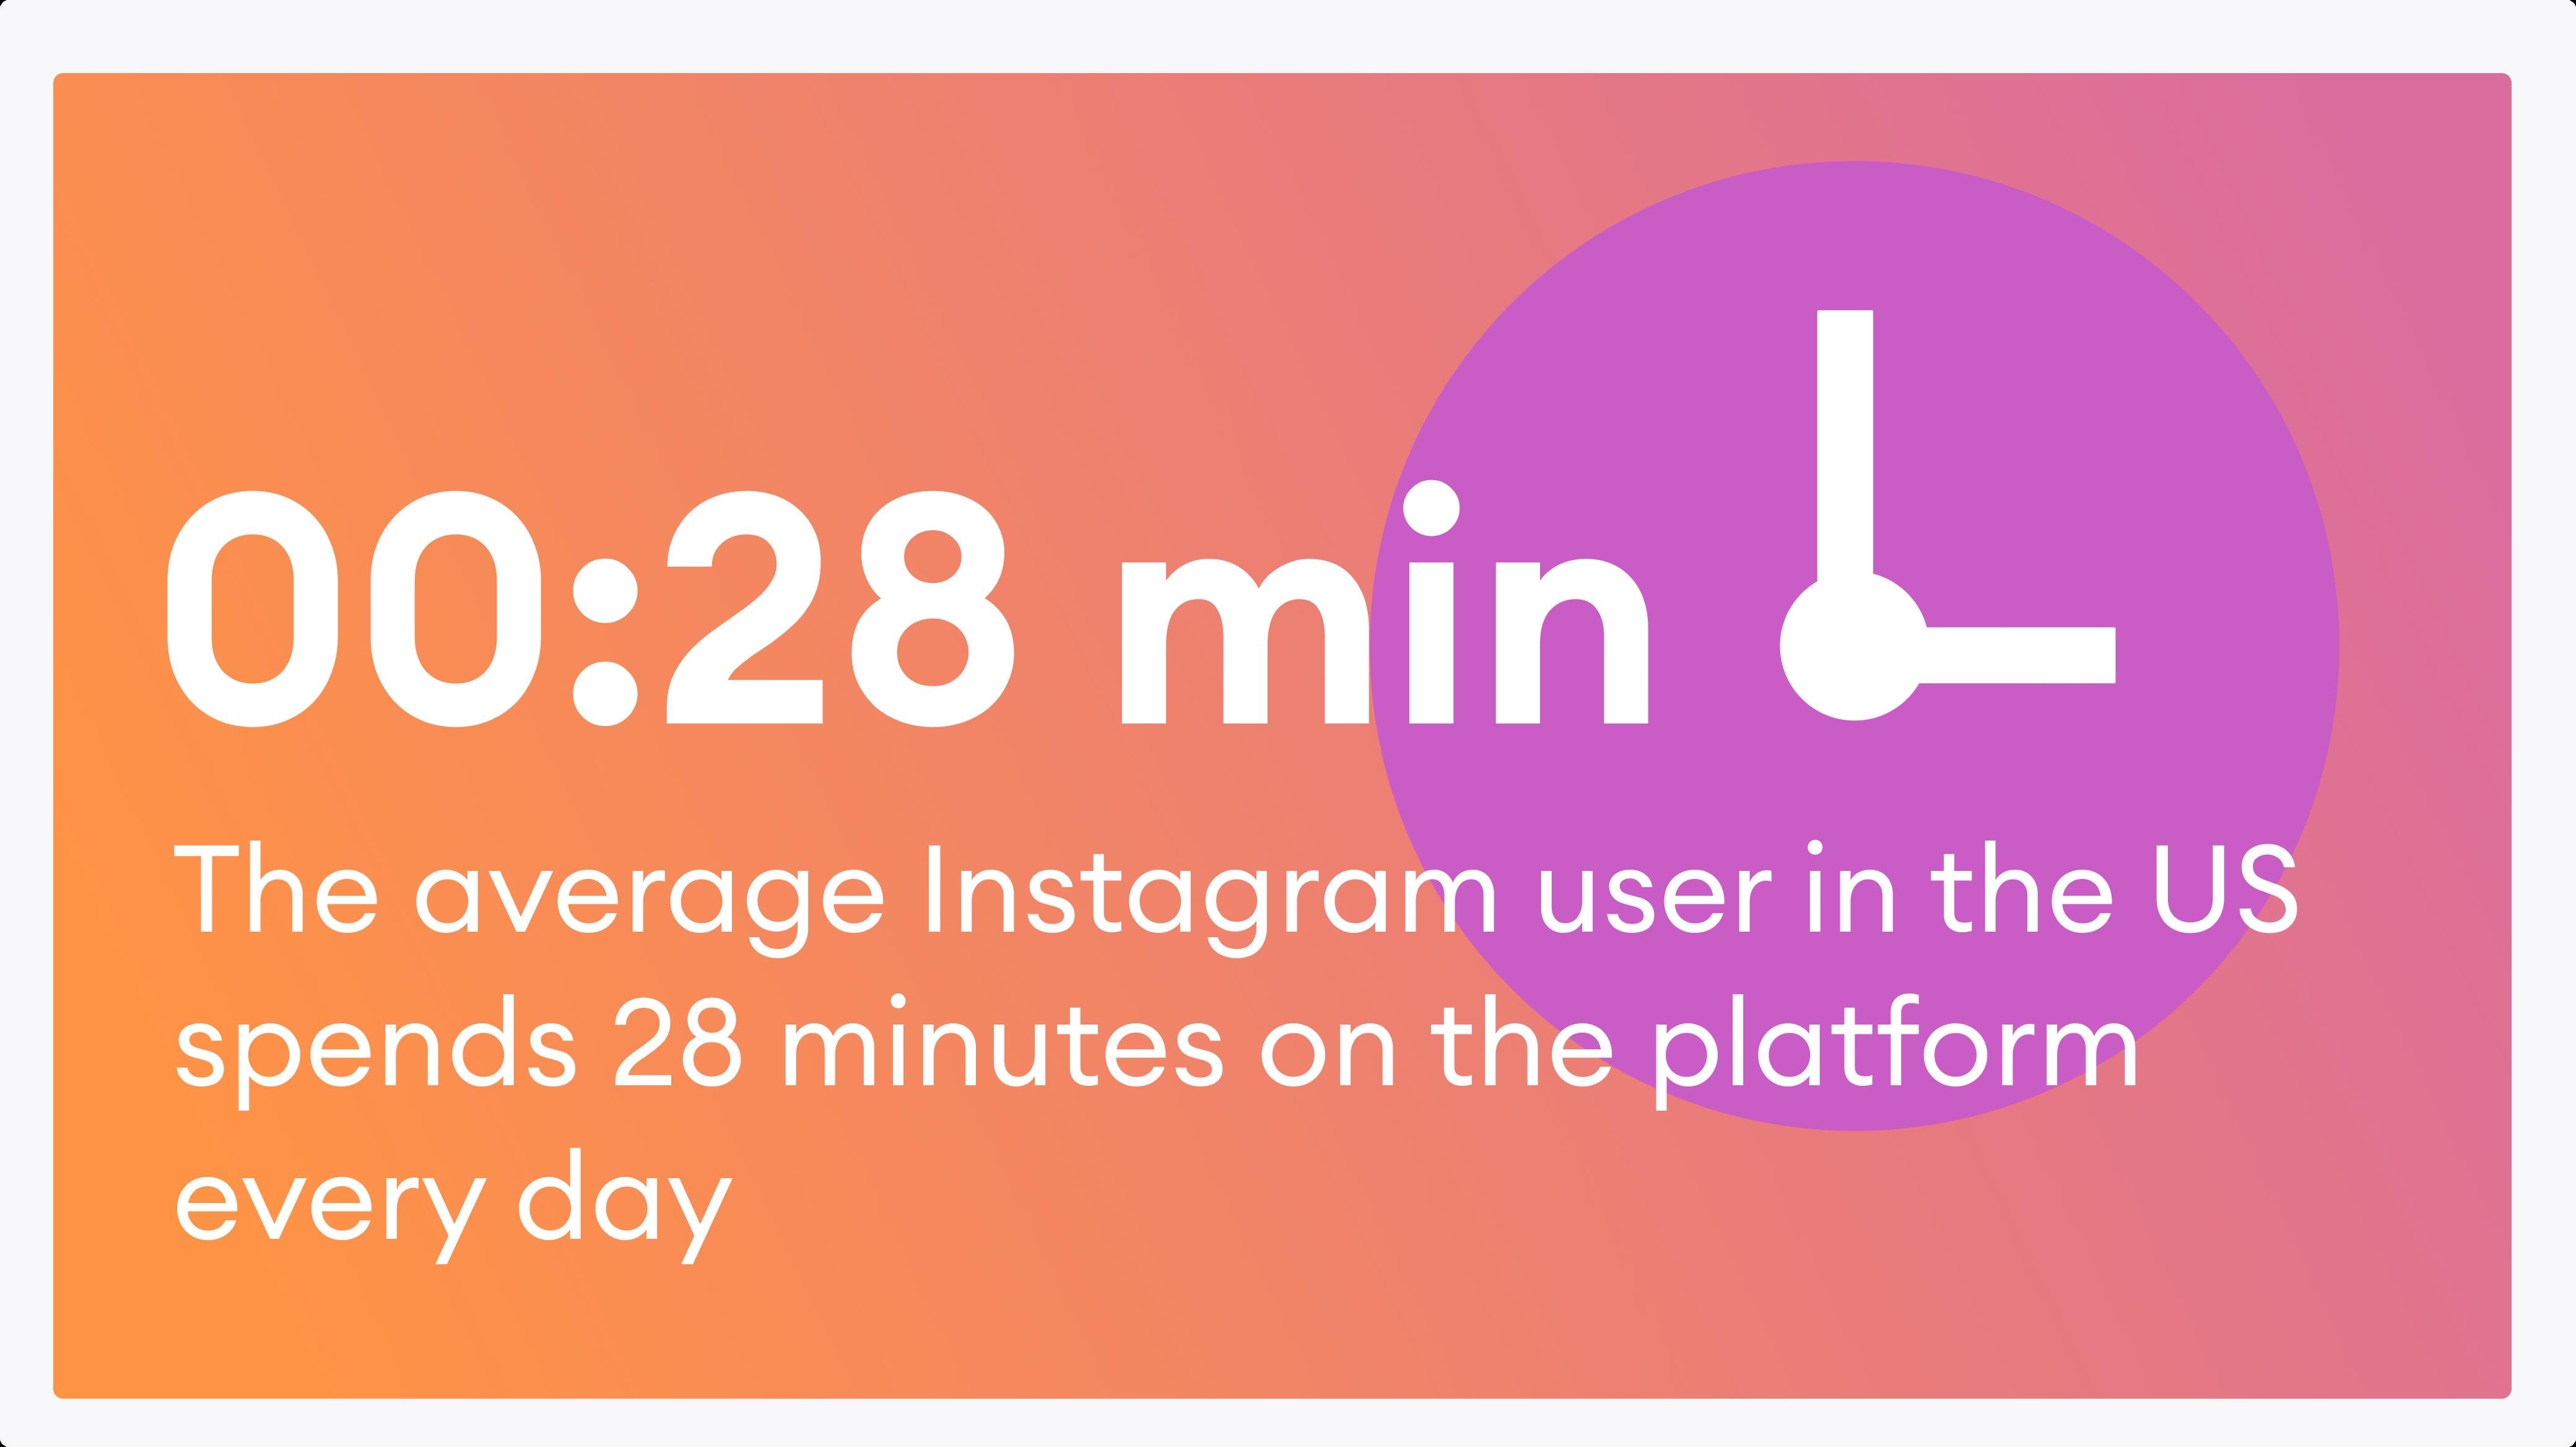 Mọi người dành trung bình 28 phút trên Instagram mỗi ngày